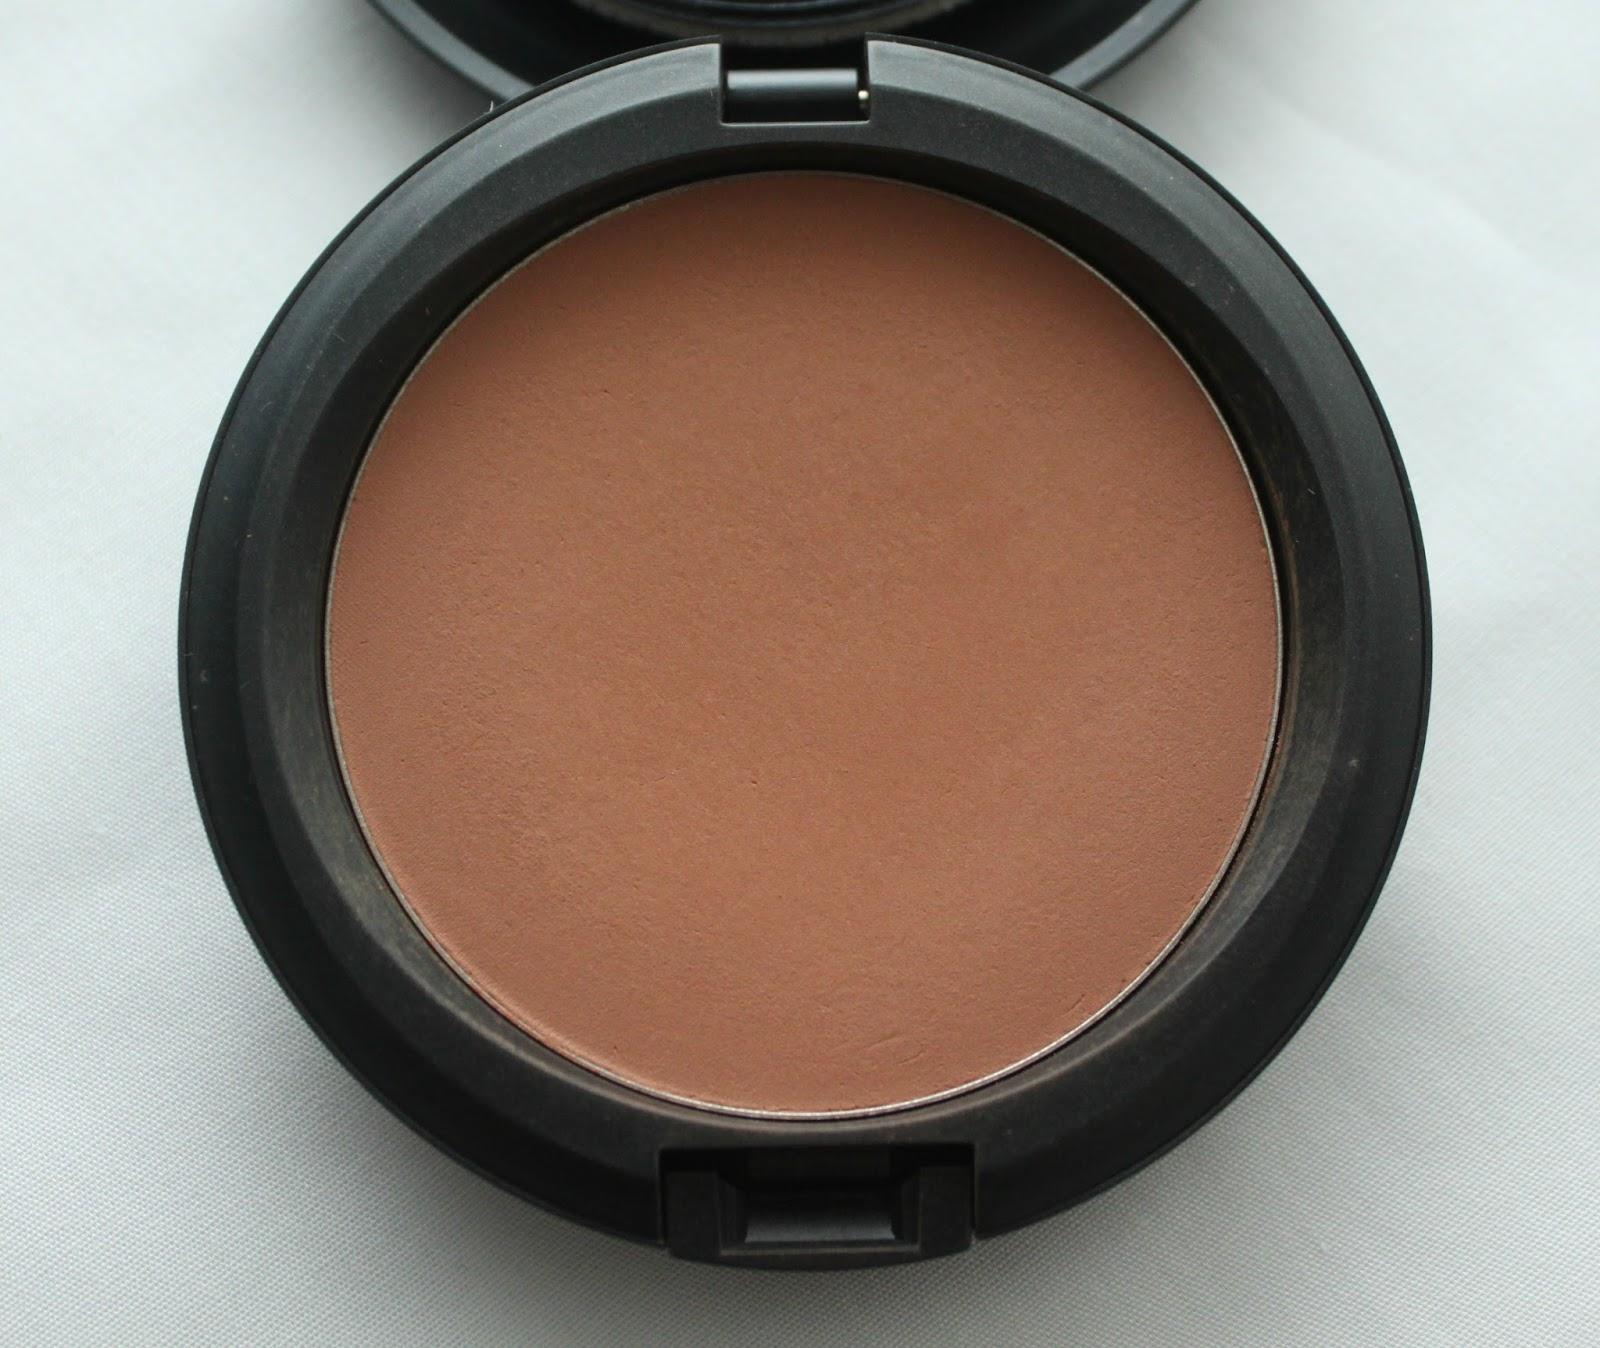 REVIEW | MAC STUDIO CAREBLEND PRESSED POWDER | Makeup and ...